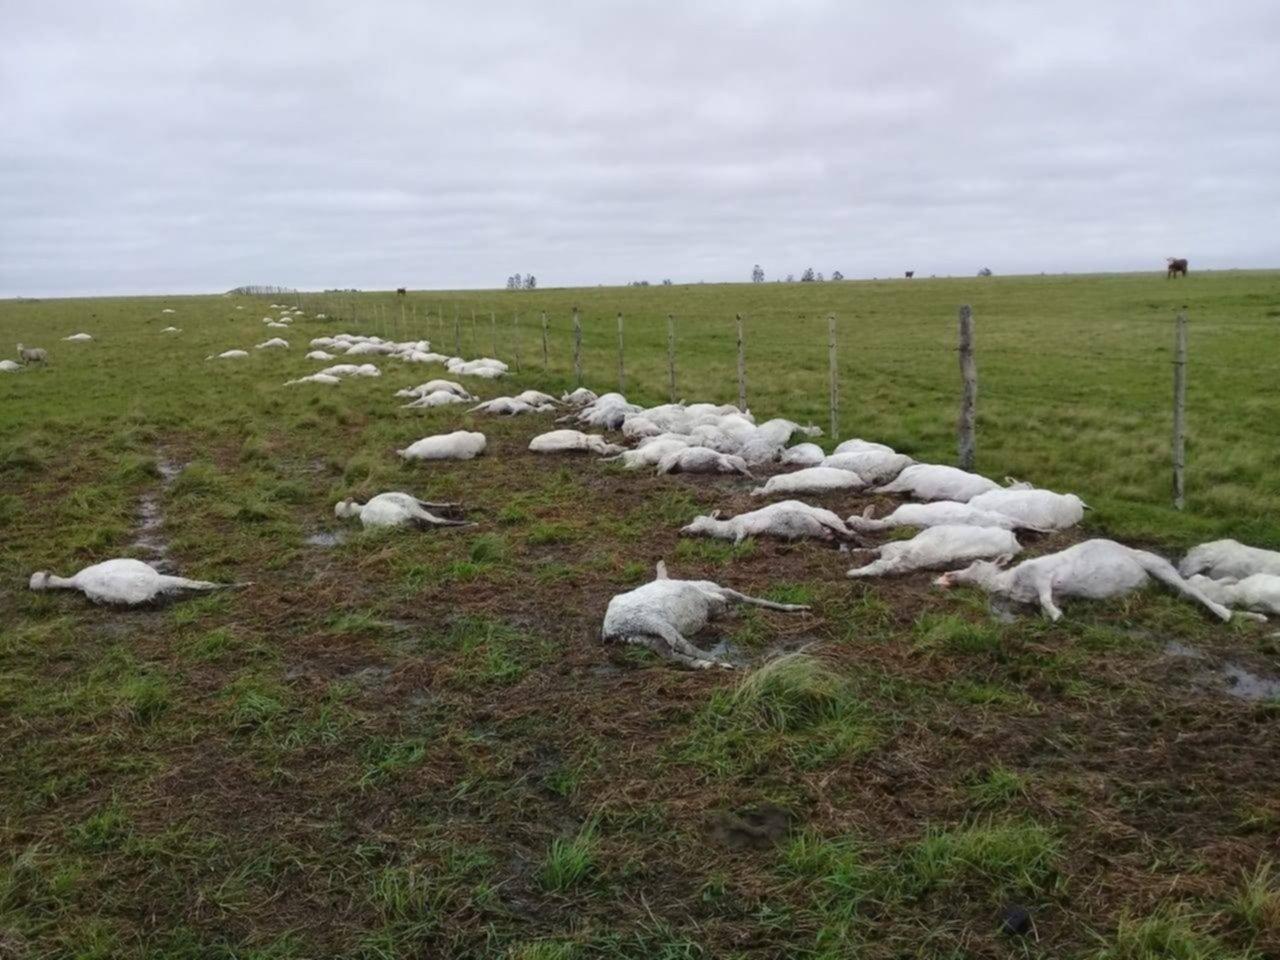 <p>Alcance. Las 3.500 ovejas muertas representan entre el 60 y 70 por ciento del stock de los tres productores damnificados.</p>